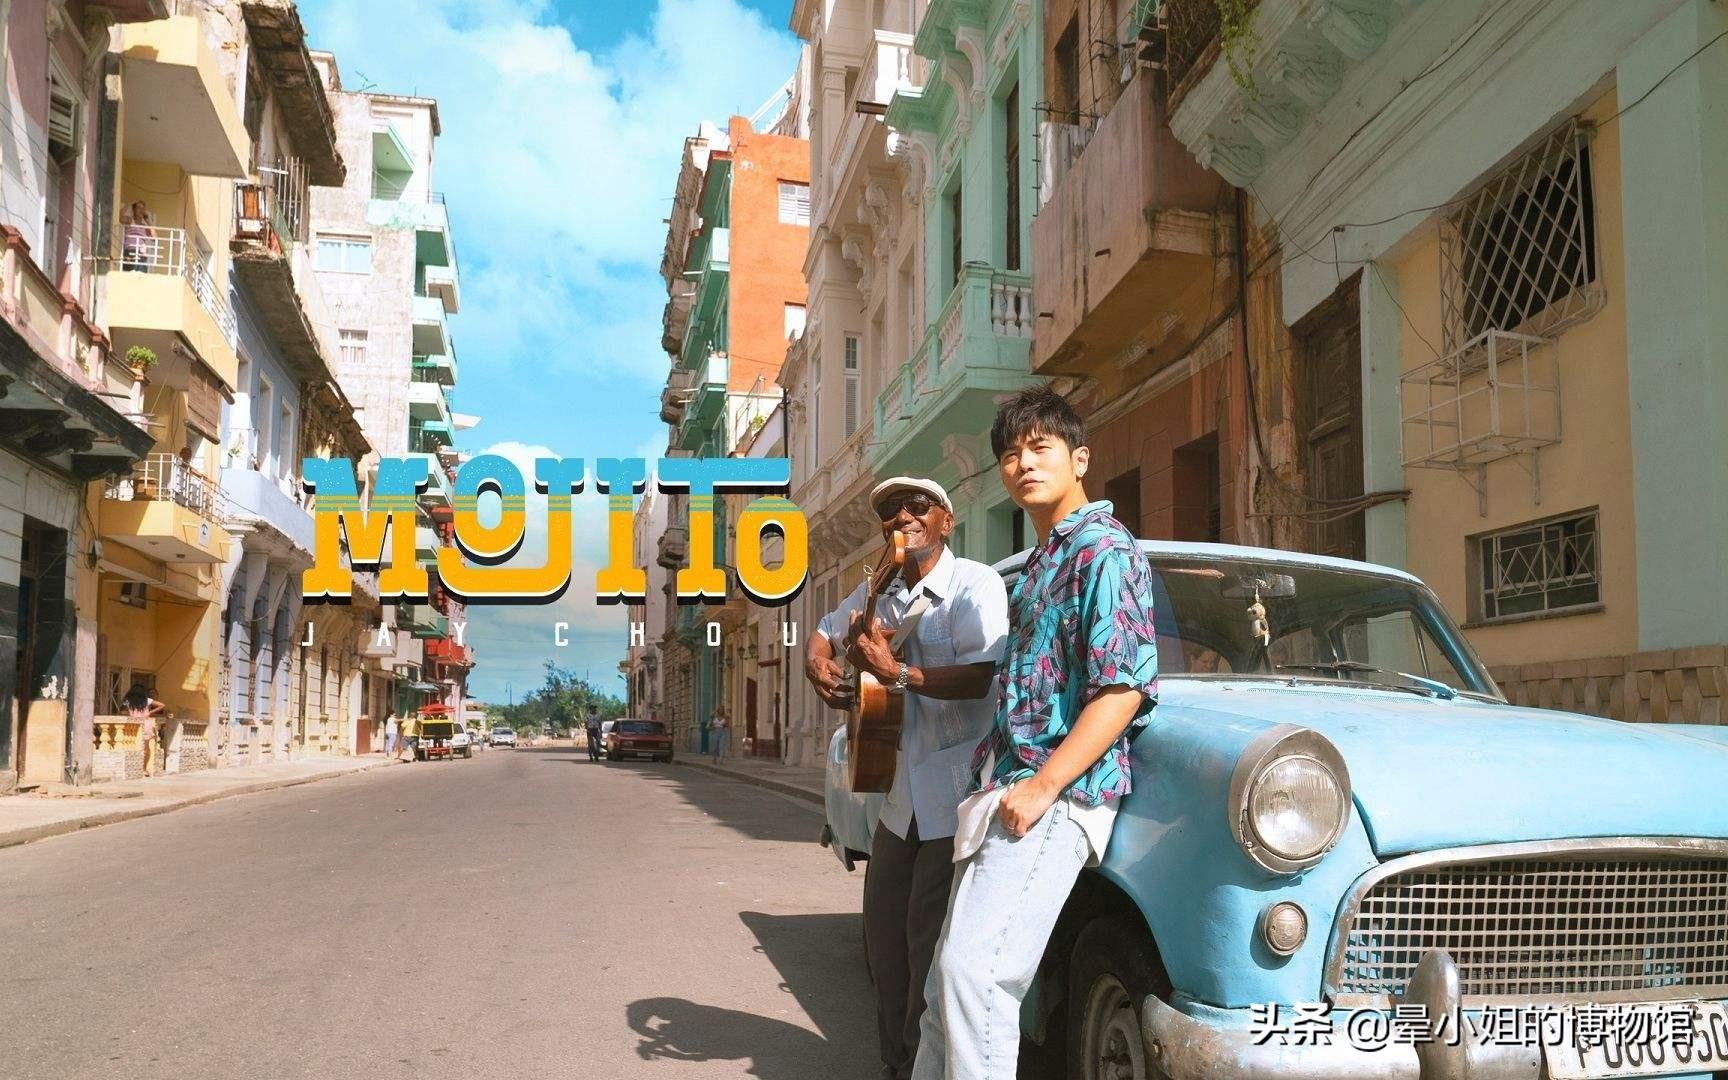 这座即将消失的小镇比周杰伦Mojito里的哈瓦那,更具古巴色彩